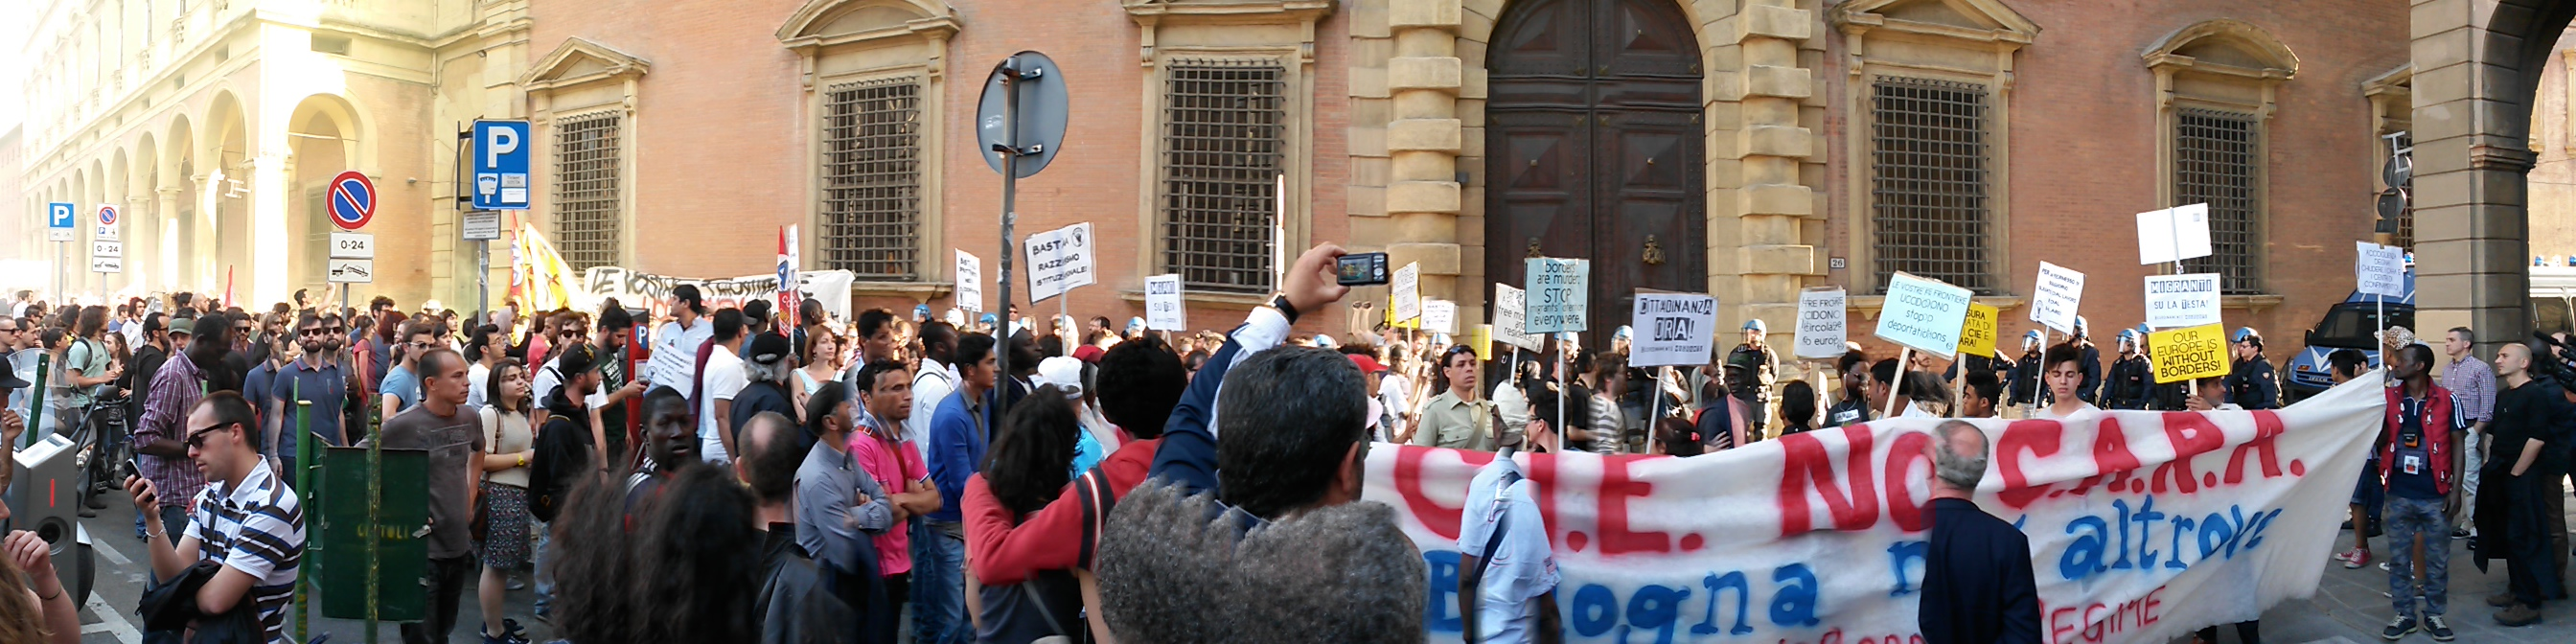 Permesso di soggiorno scuola italiano con migranti xm24 for Controlla permesso di soggiorno poste